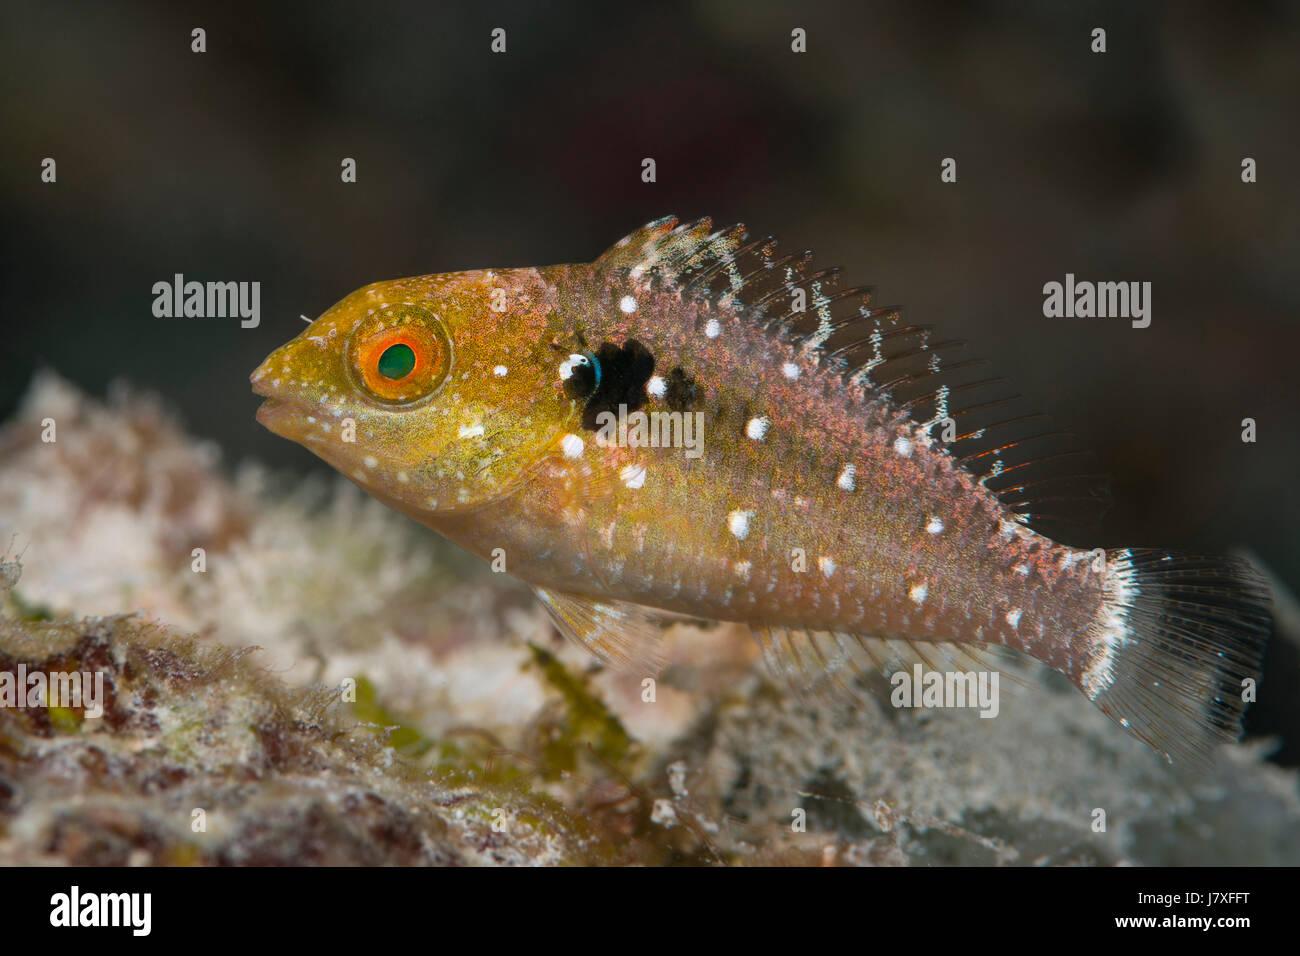 Stoplight Parrotfish, Sparisoma viride, Jardines de la Reina, Cuba - Stock Image